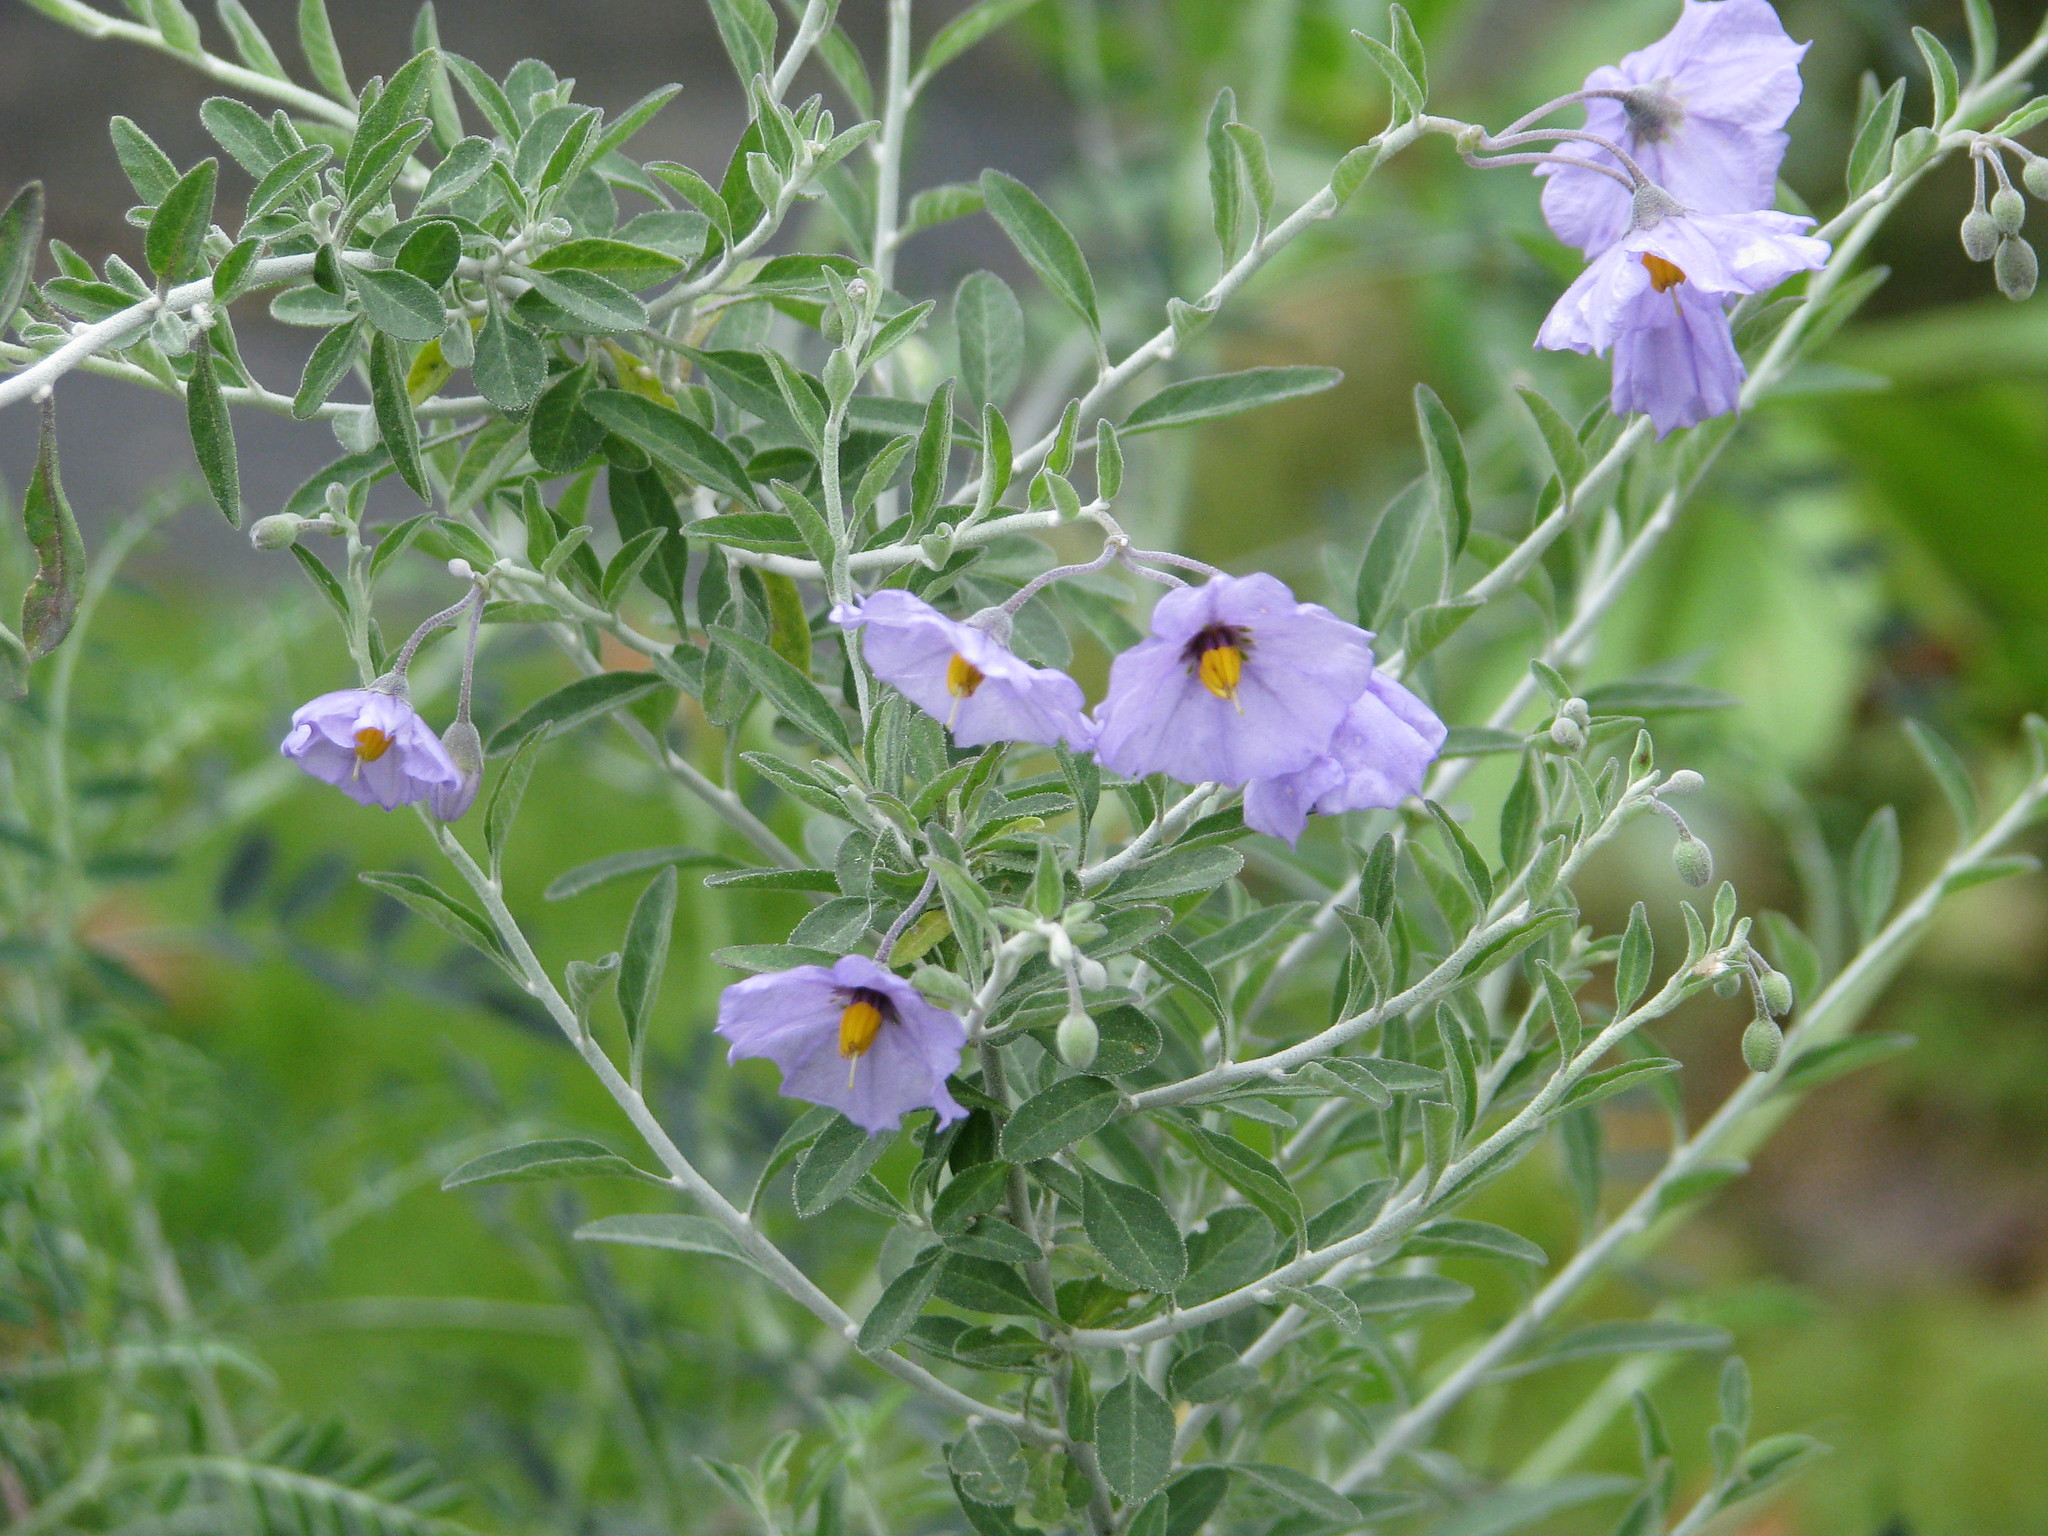 Solanum umbelliferum incanum